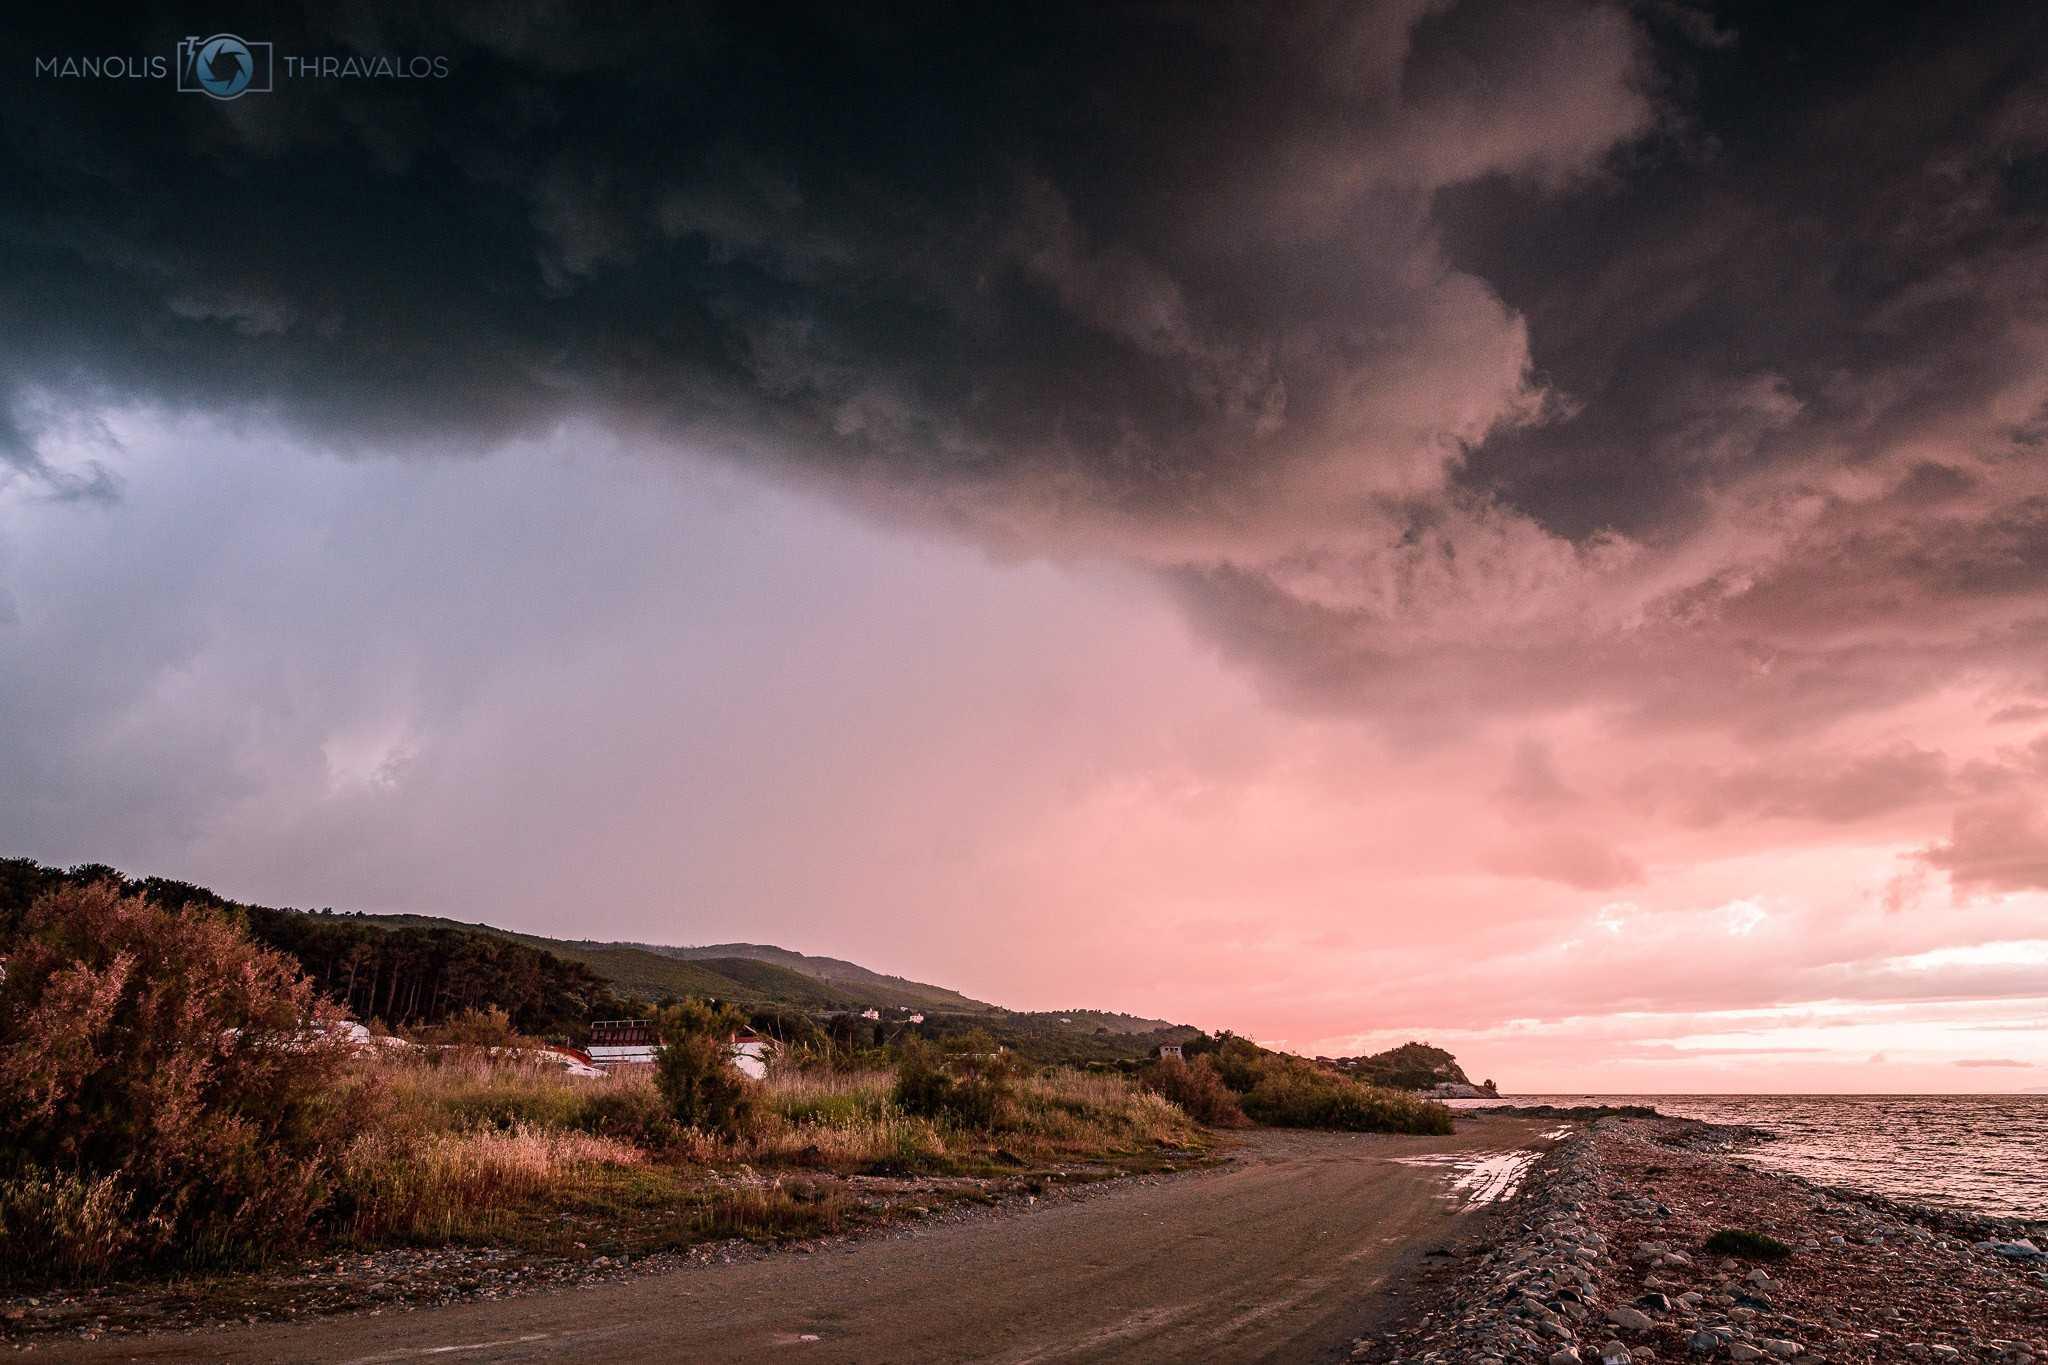 Σάμος: Μία καταιγίδα χρωμάτων είχαν την ευκαιρία να δουν χθες το απόγευμα οι κάτοικοι